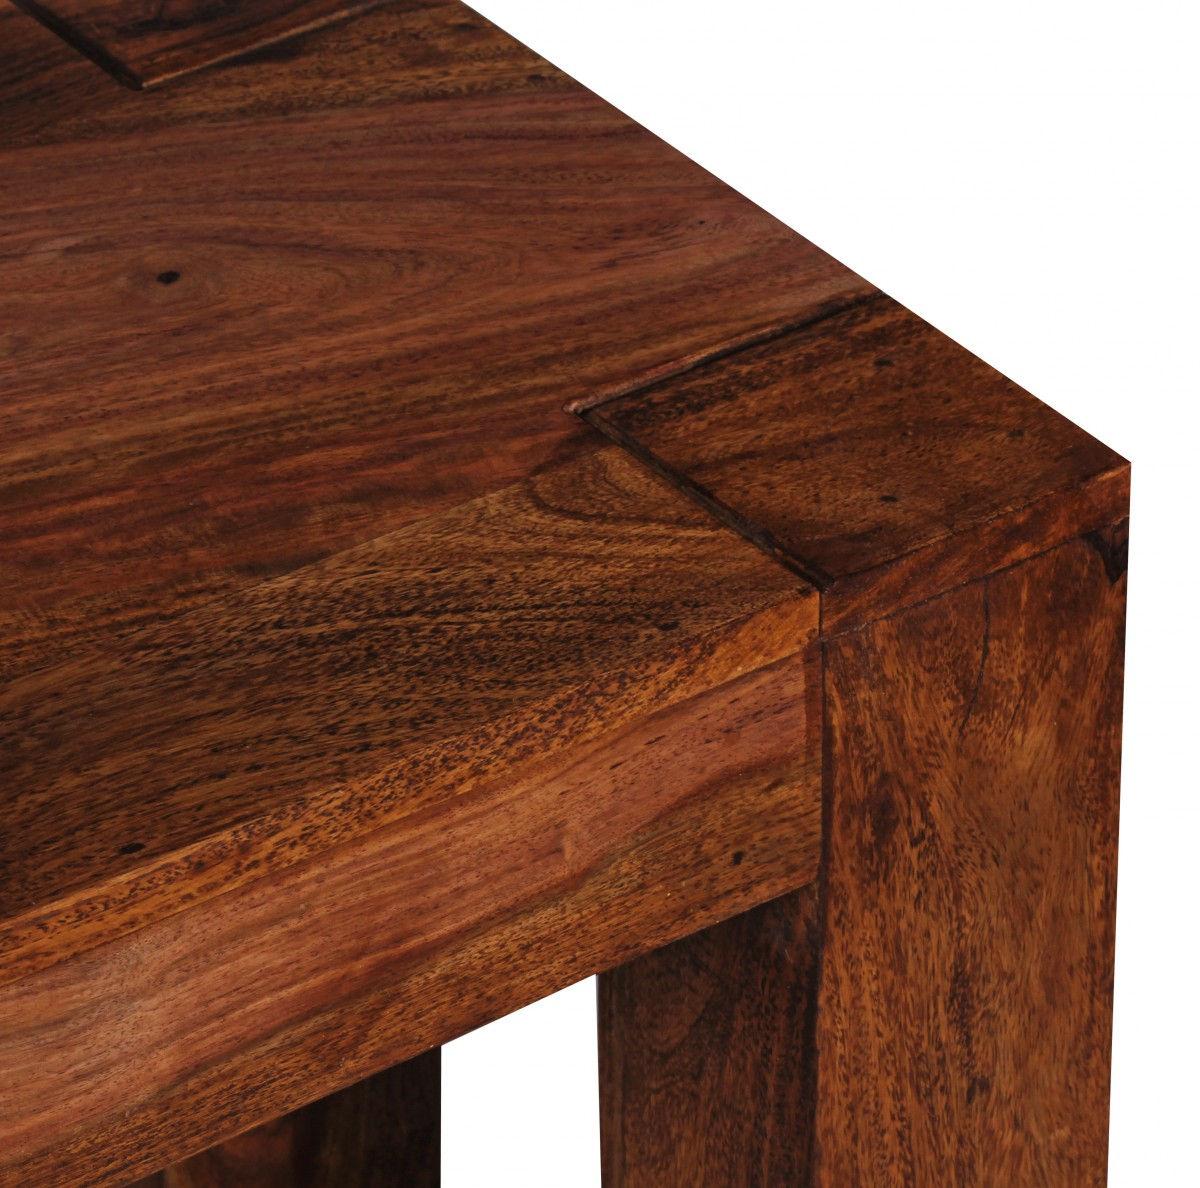 Weran Esszimmer Sitzbank MUMBAI Massiv Holz Sheesham 160 X 45 X 35 Cm Holz